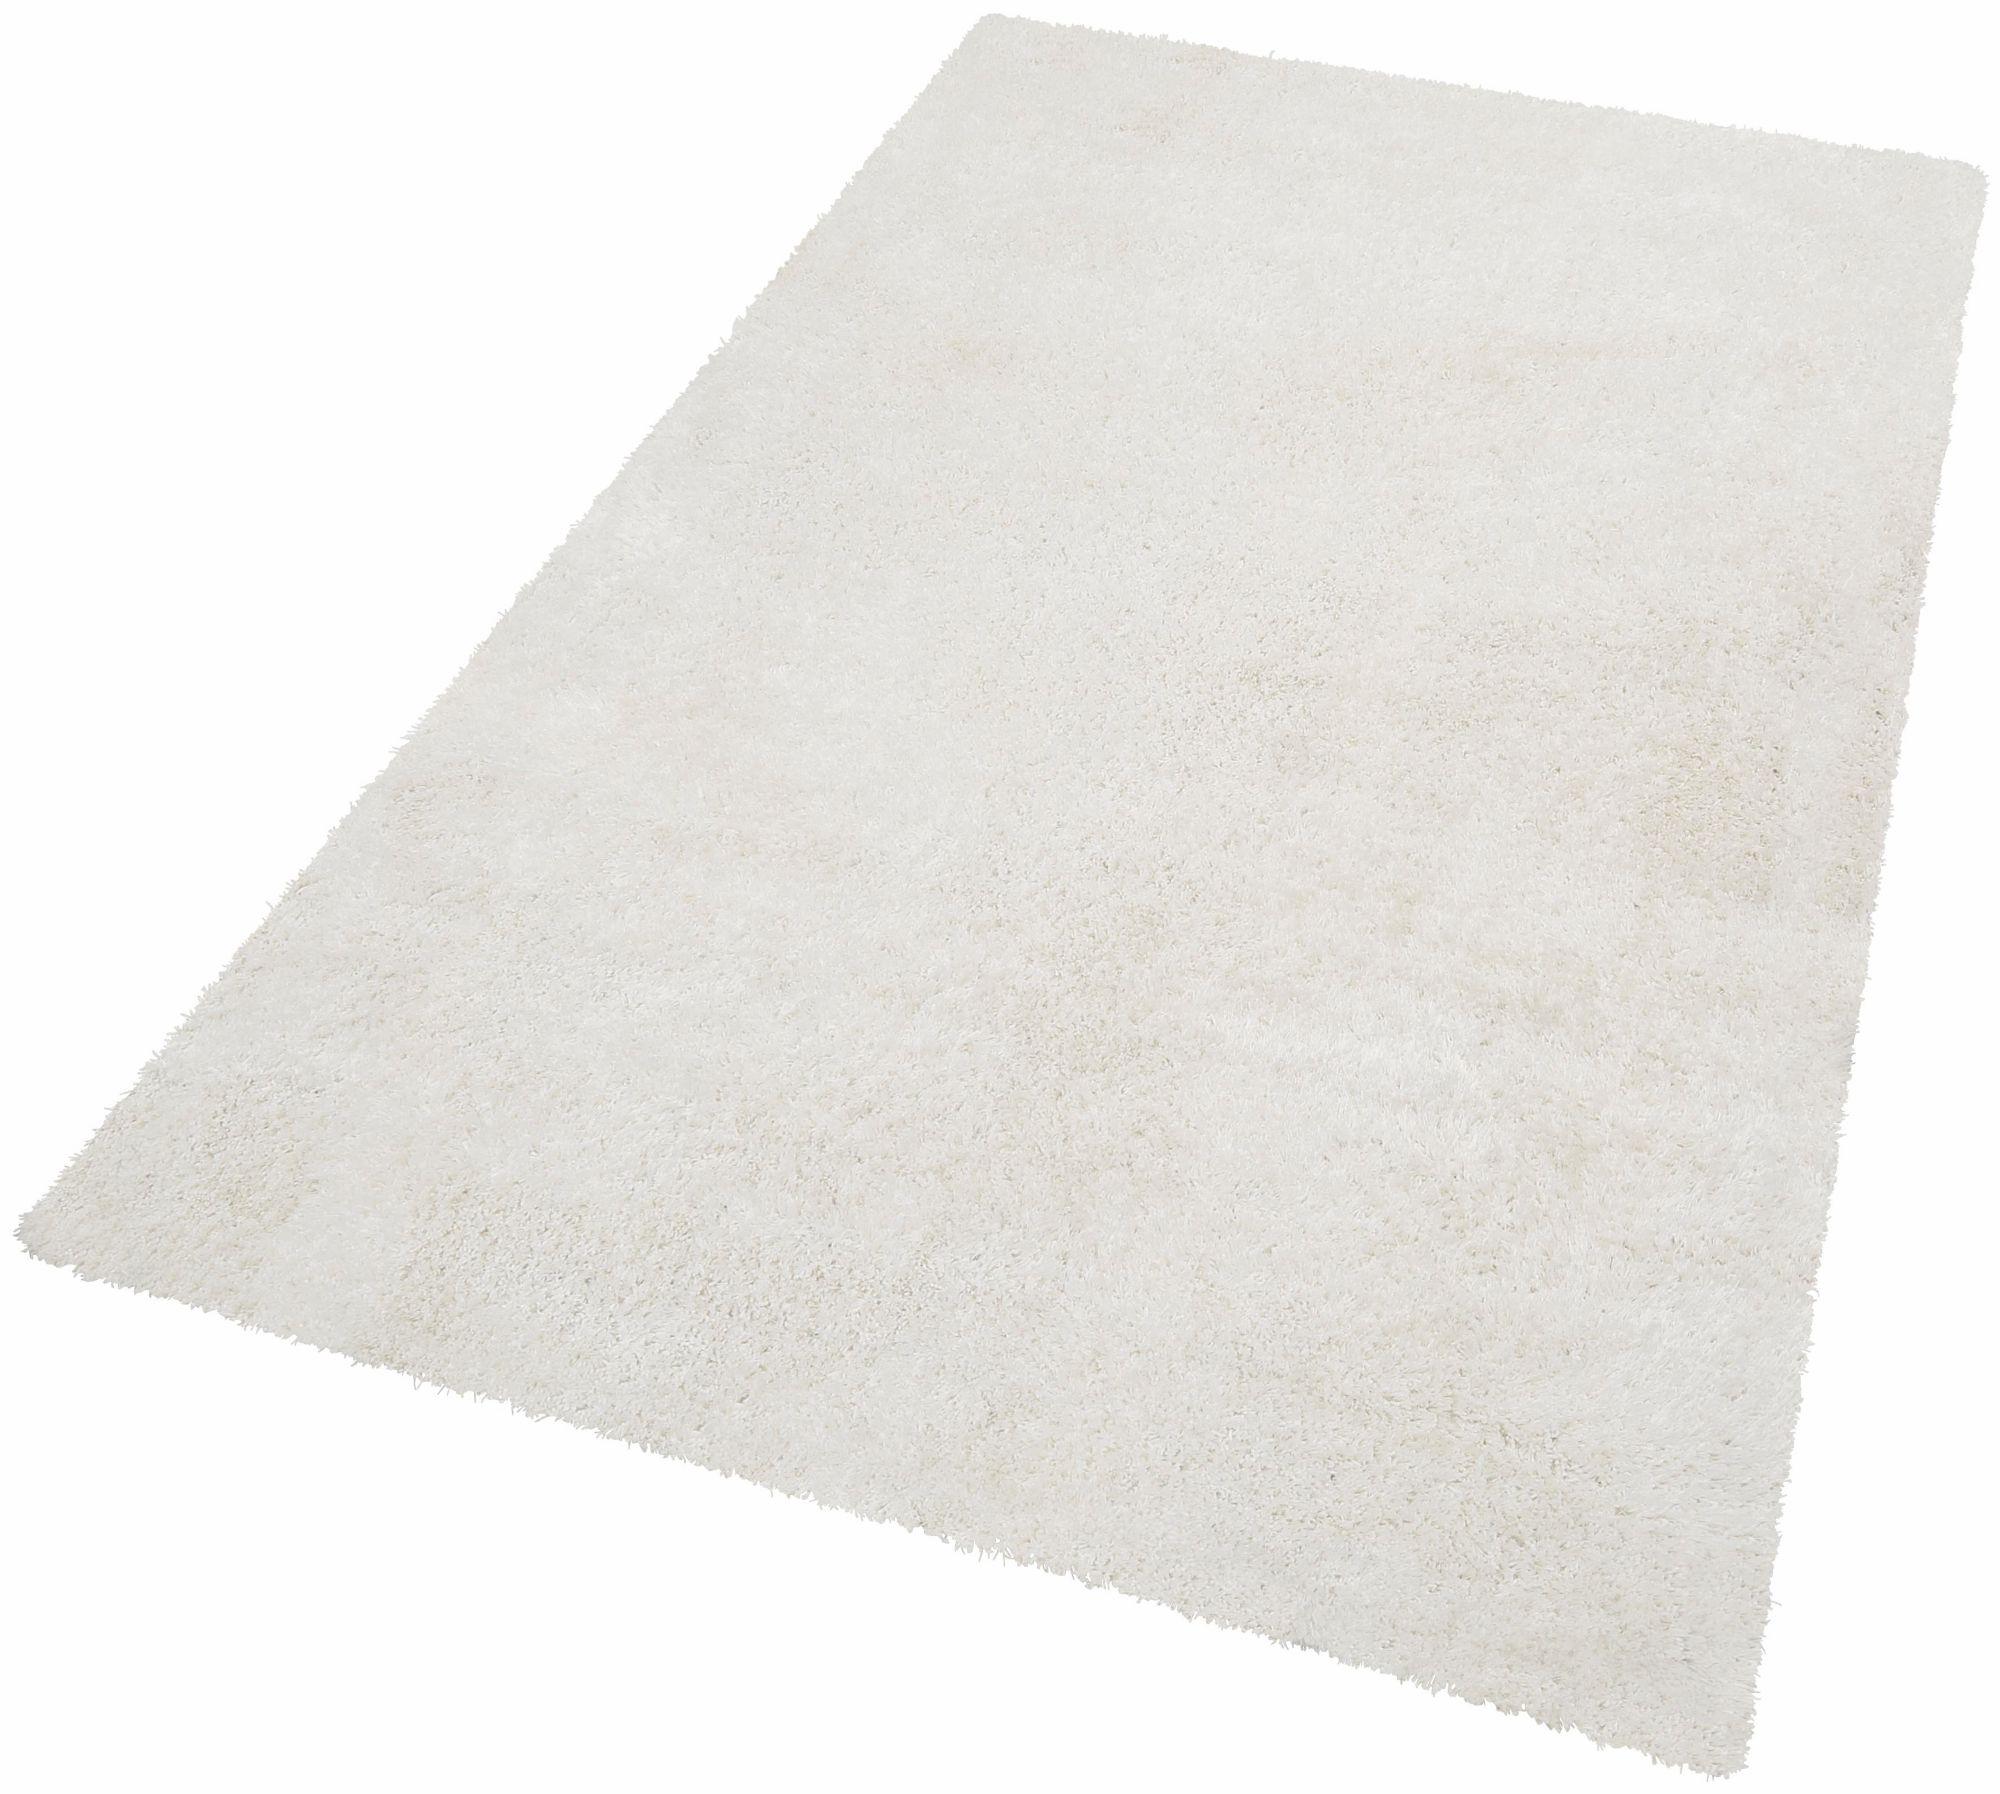 Hochflor-Teppich, »Style 700«, Lalee, rechteckig, Höhe 35 mm, handgewebt